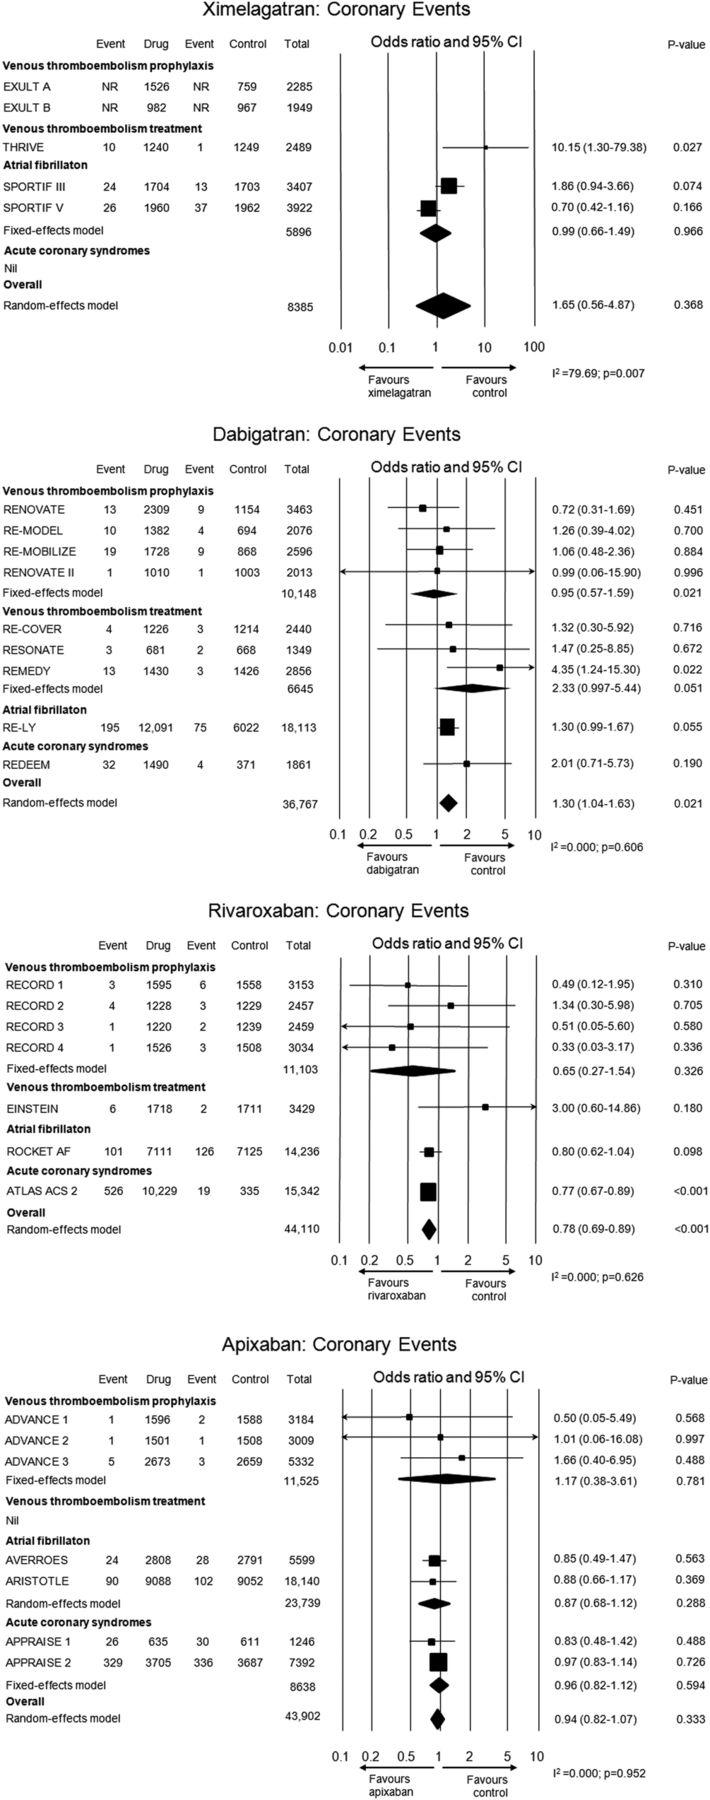 新規抗凝固薬における冠動脈イベントリスクのメタ解析_a0119856_23132413.jpg